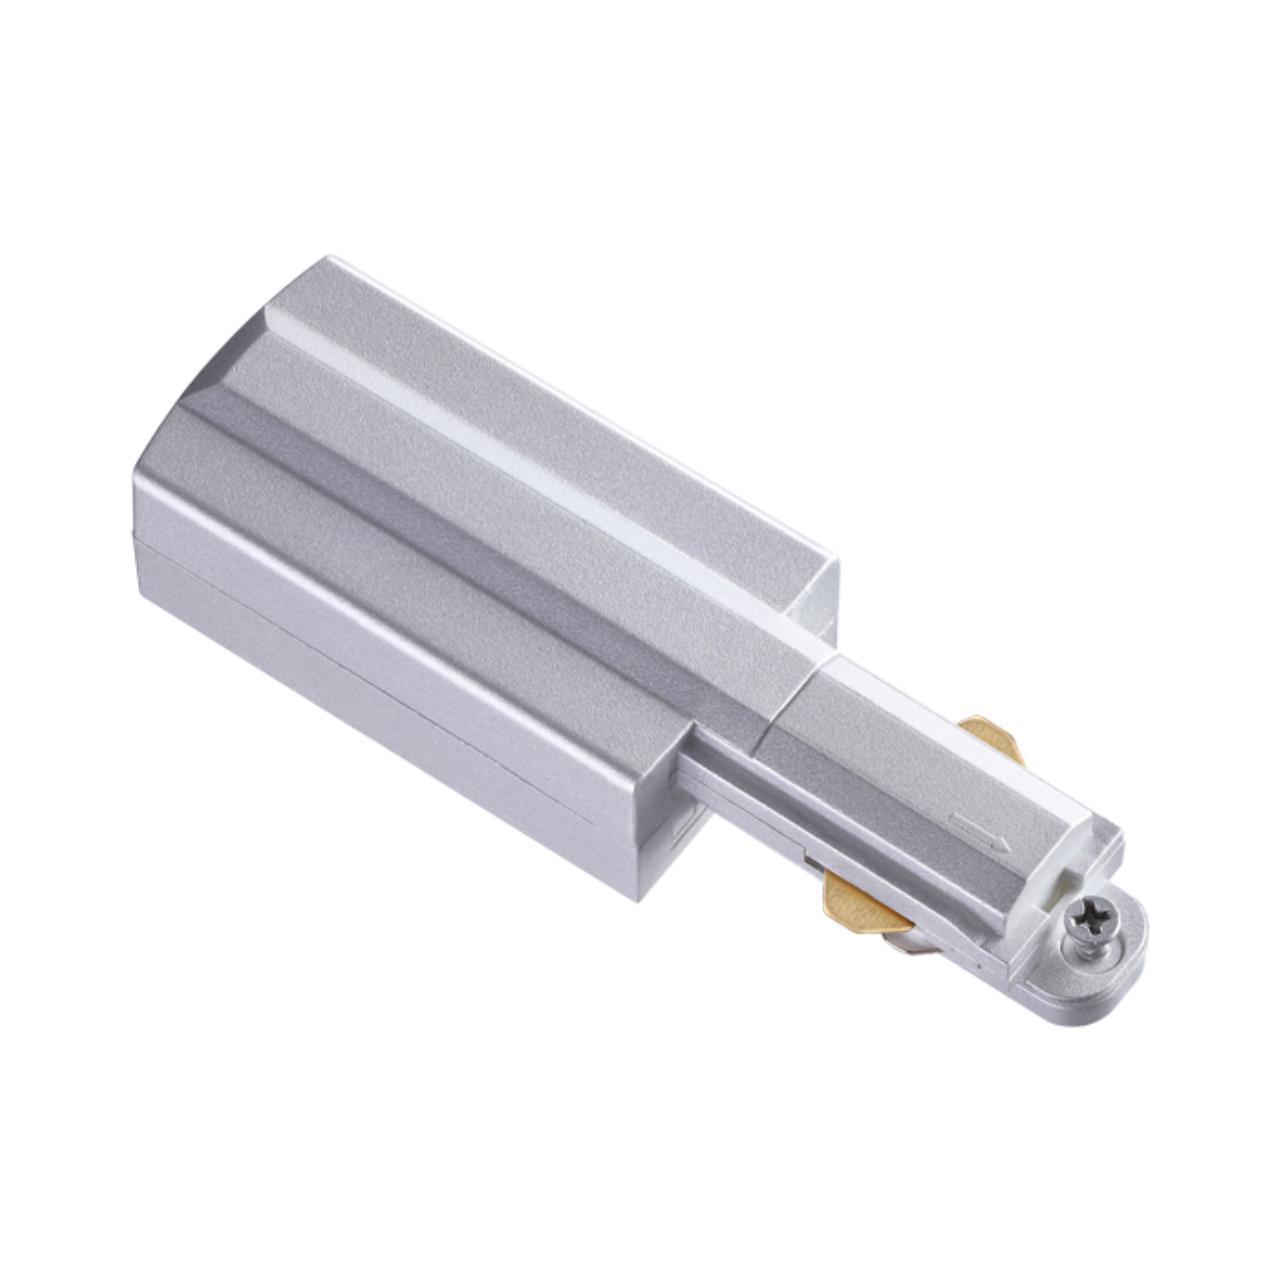 135086 PORT NT19 016 серебро Соединитель-токопровод для однофазного шинопровода IP20 220V